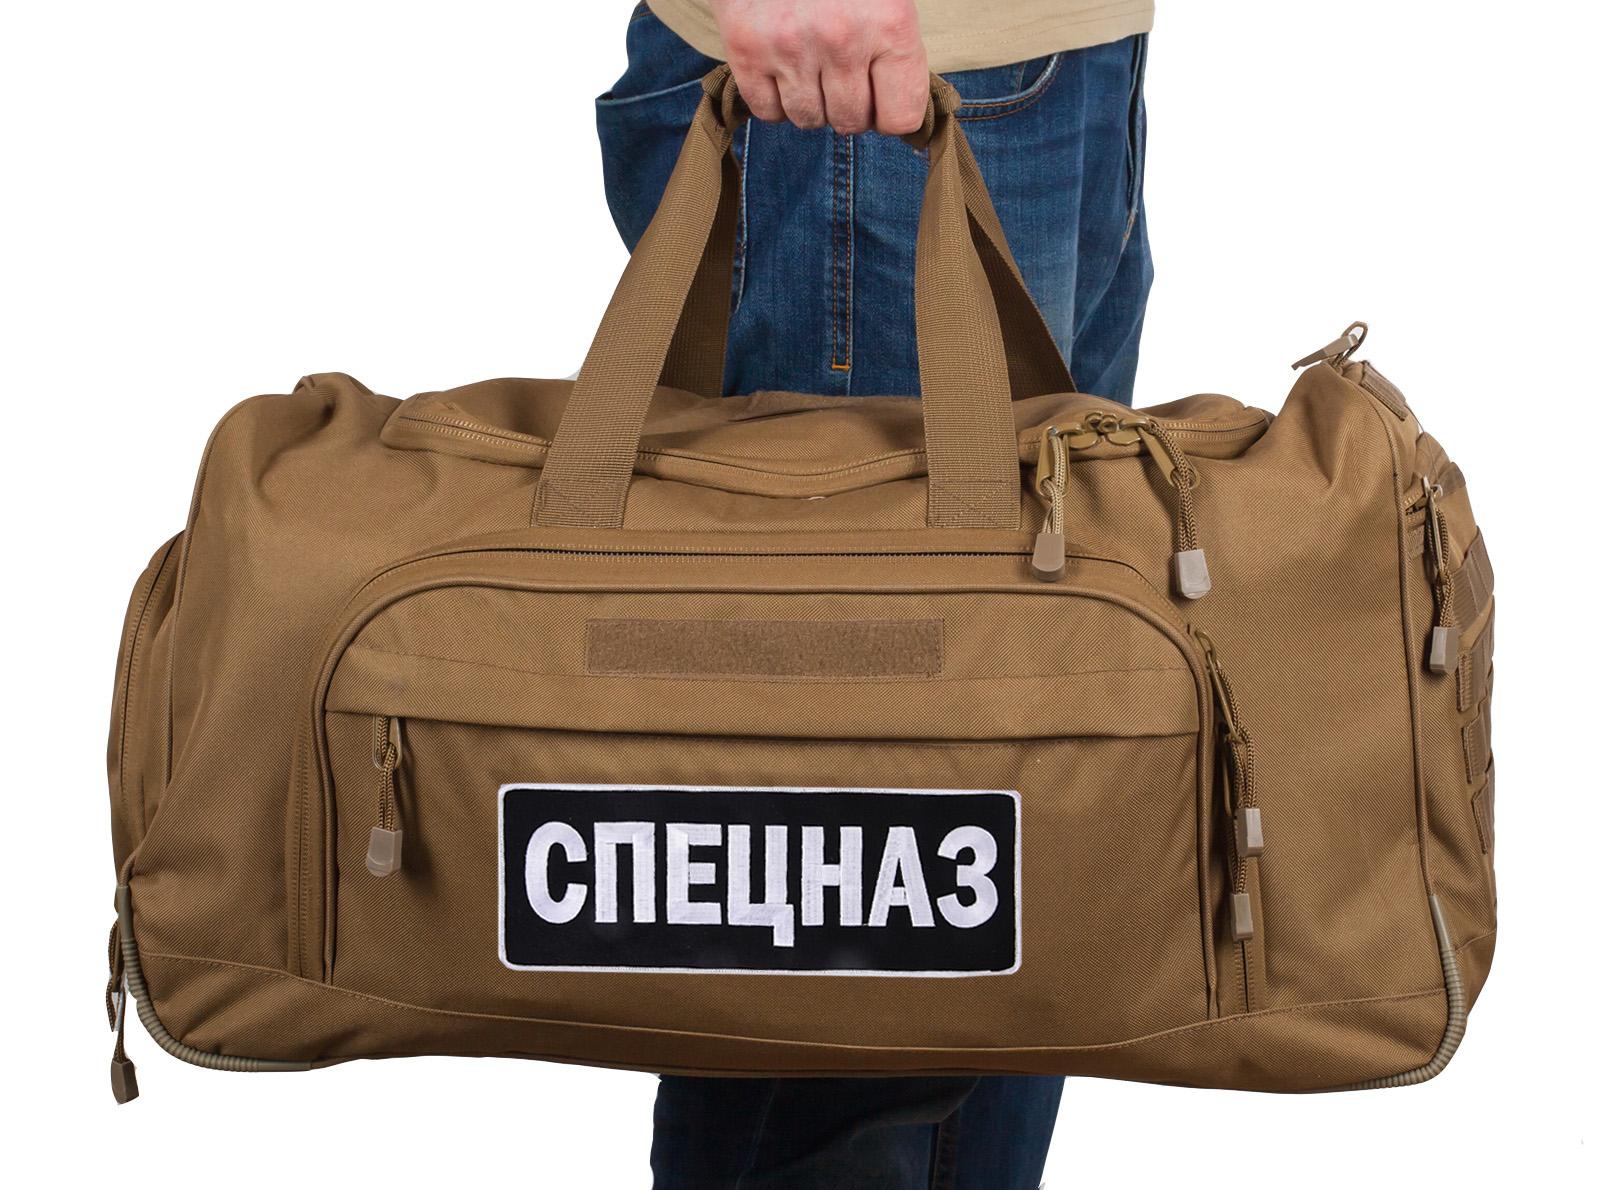 Лучшие дорожные сумки: от тактических до универсальных